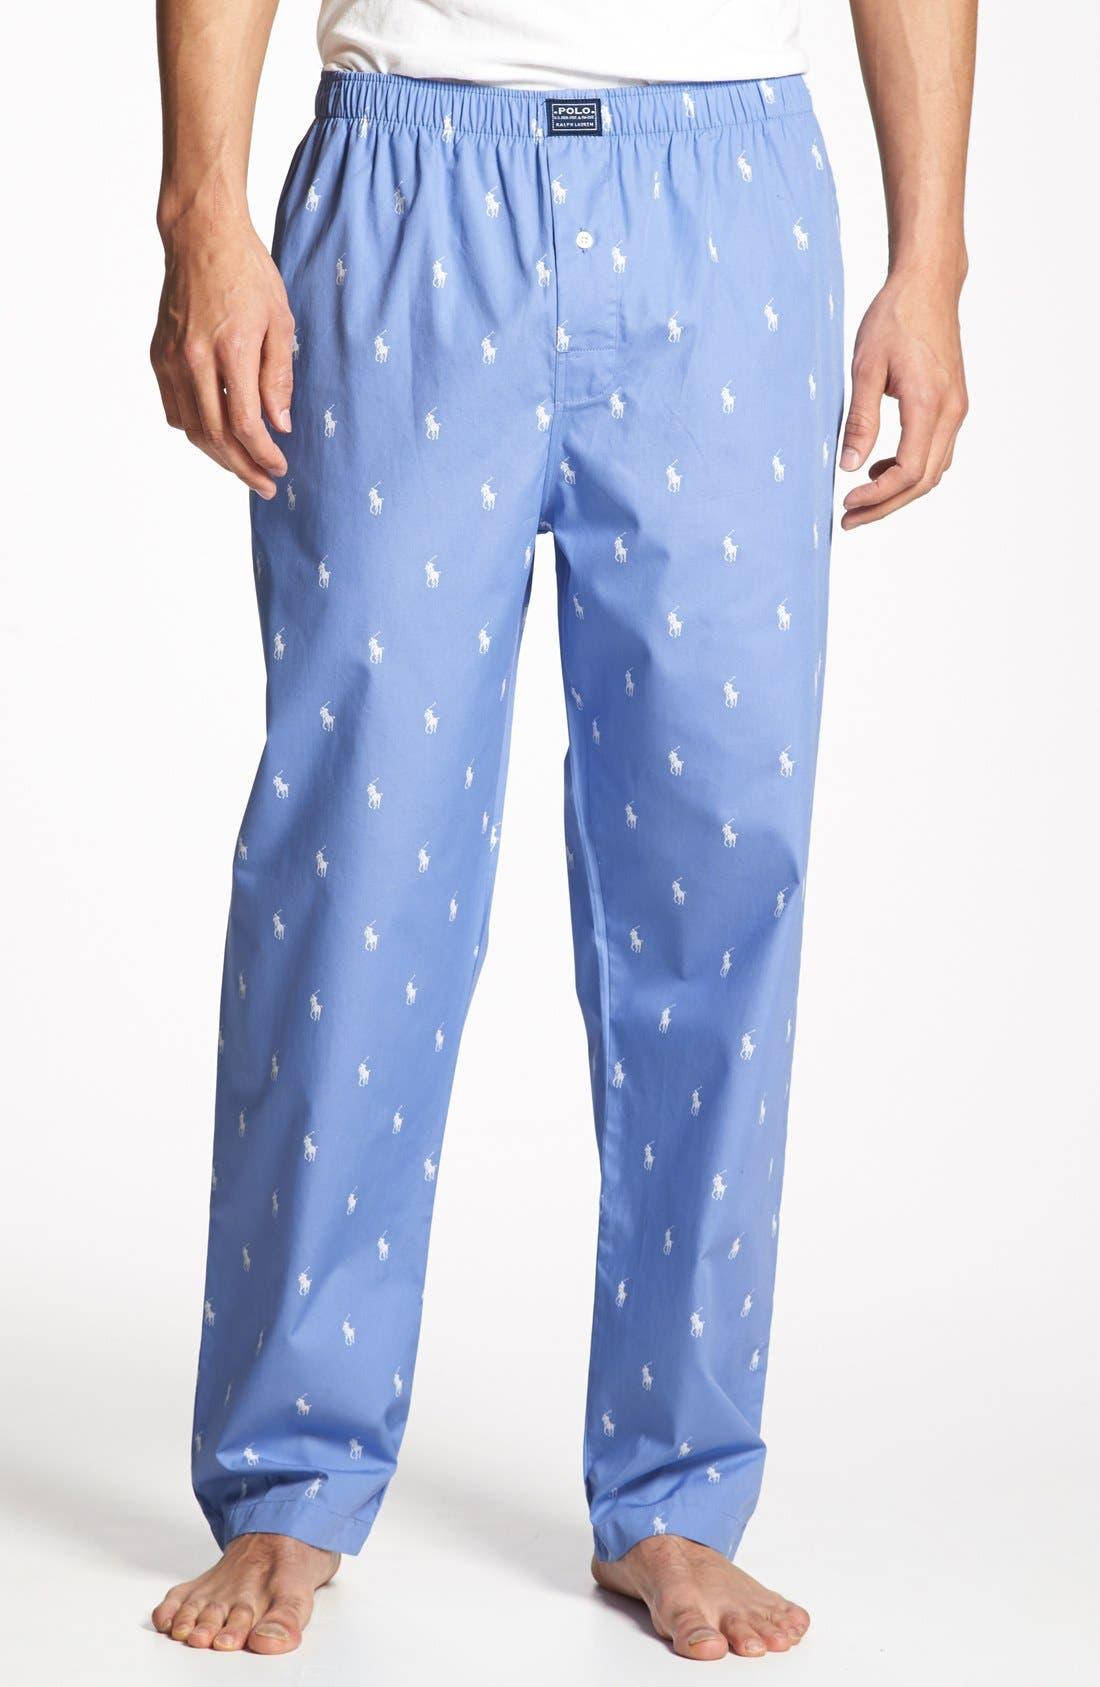 Cotton Lounge Pants,                             Main thumbnail 1, color,                             400